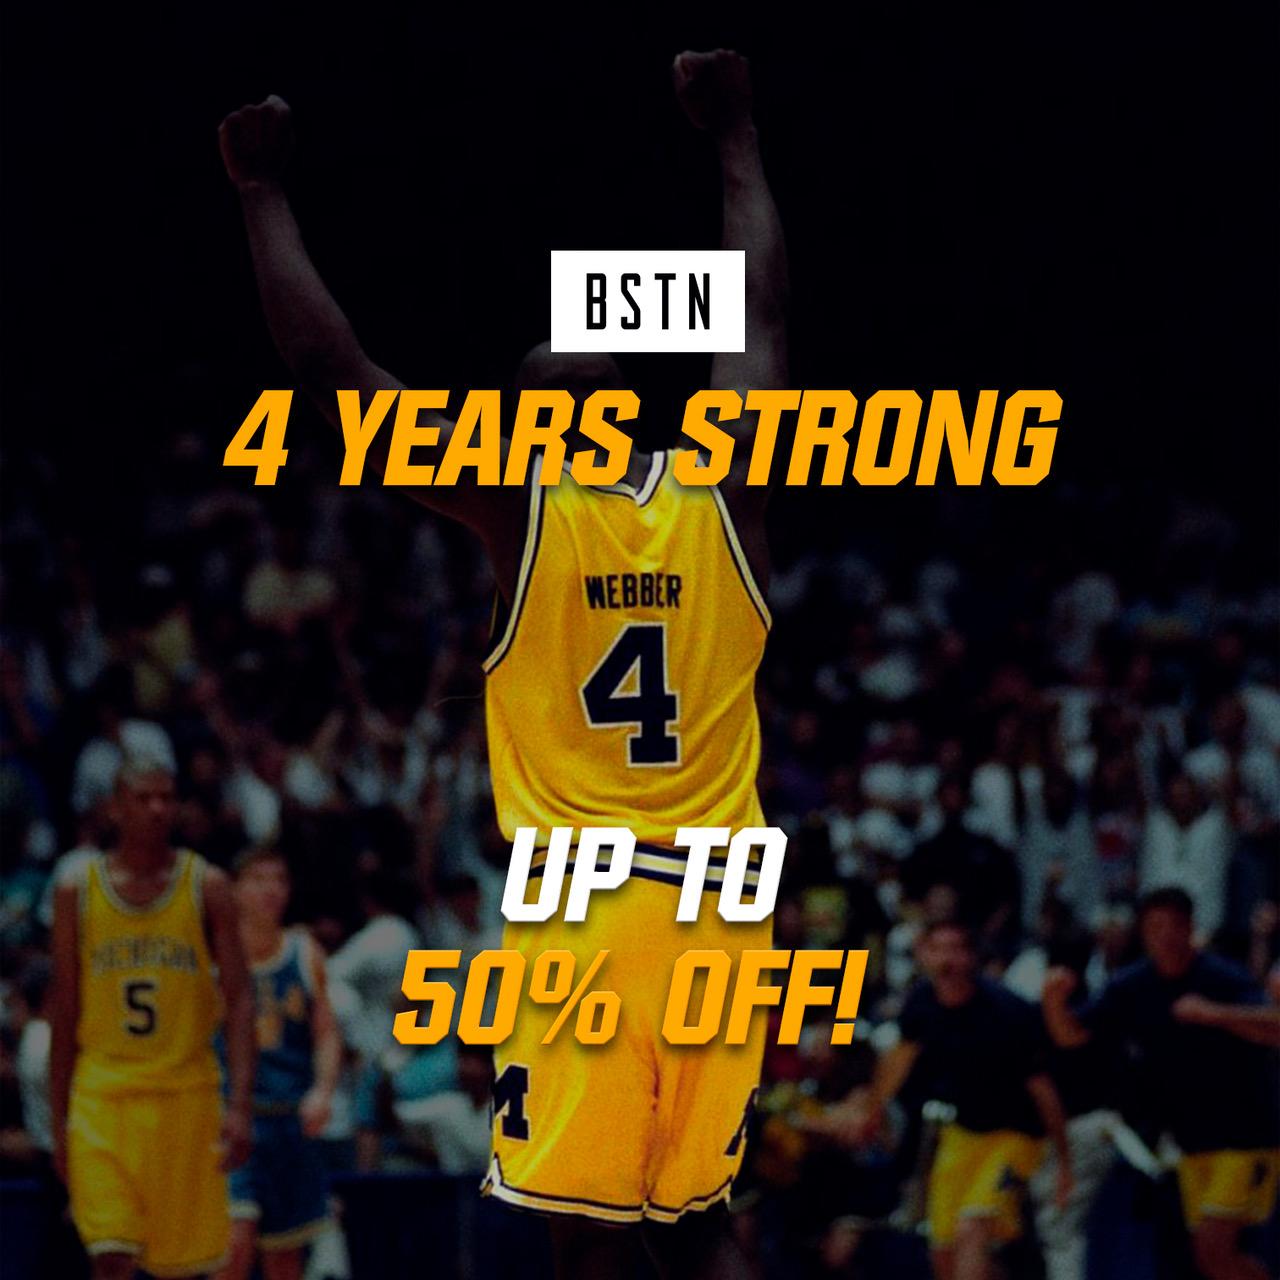 4 Jahre BSTN - bis zu 50% Rabatt auf adidas, Puma, Reebok, Norse Projects usw. - nur 24h lang!